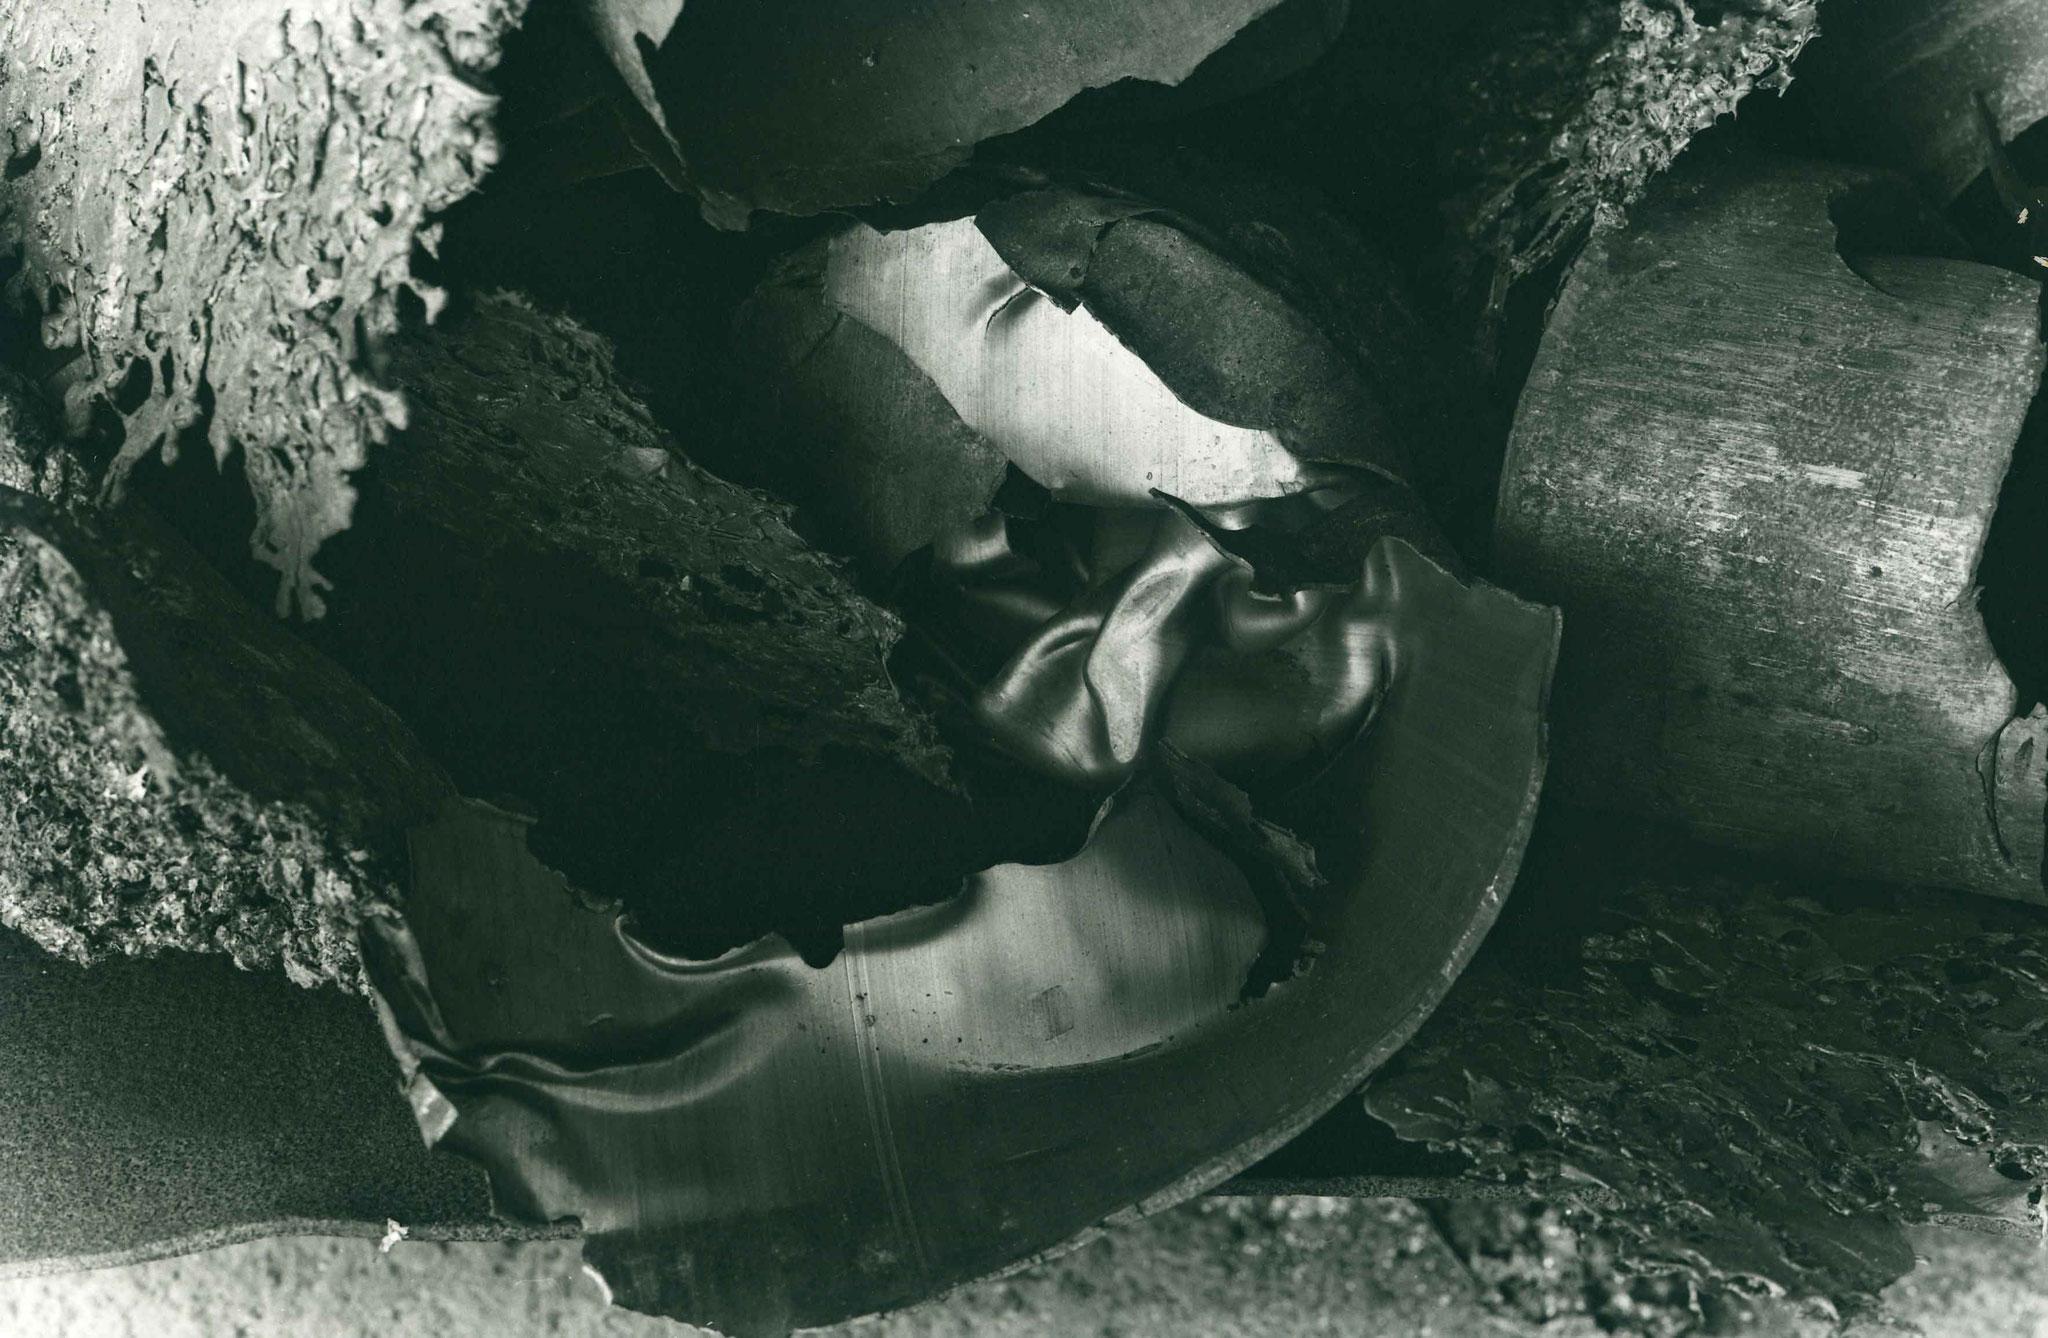 Manfred Paul - Ohne Titel Serie: Stillleben  30 x 40 cm, 1980er Jahre